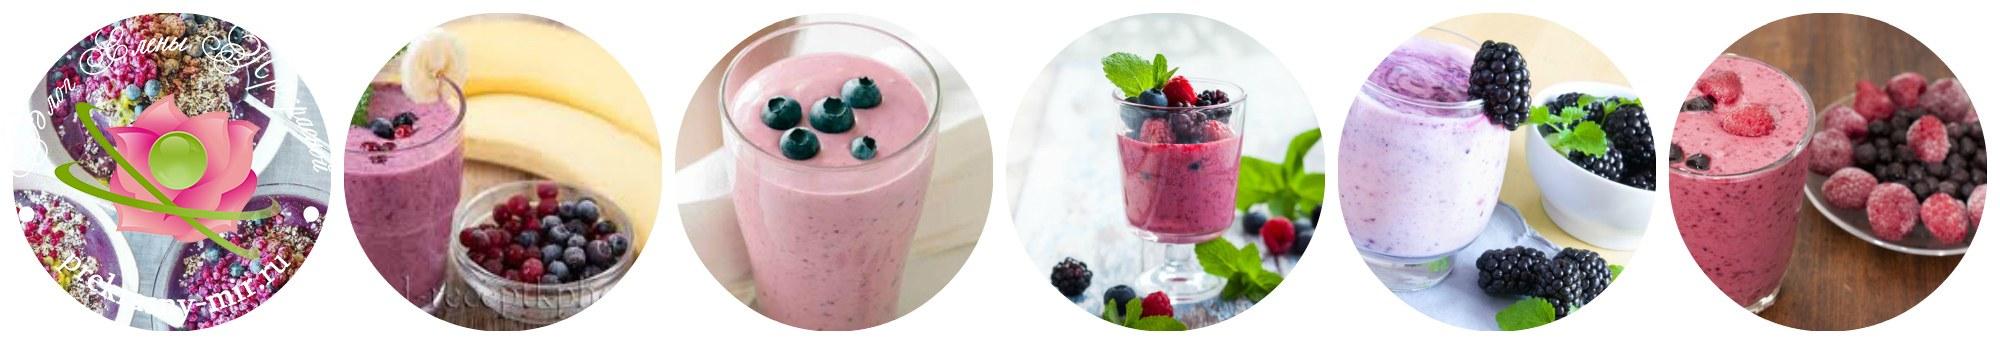 ягодные смузи рецепты